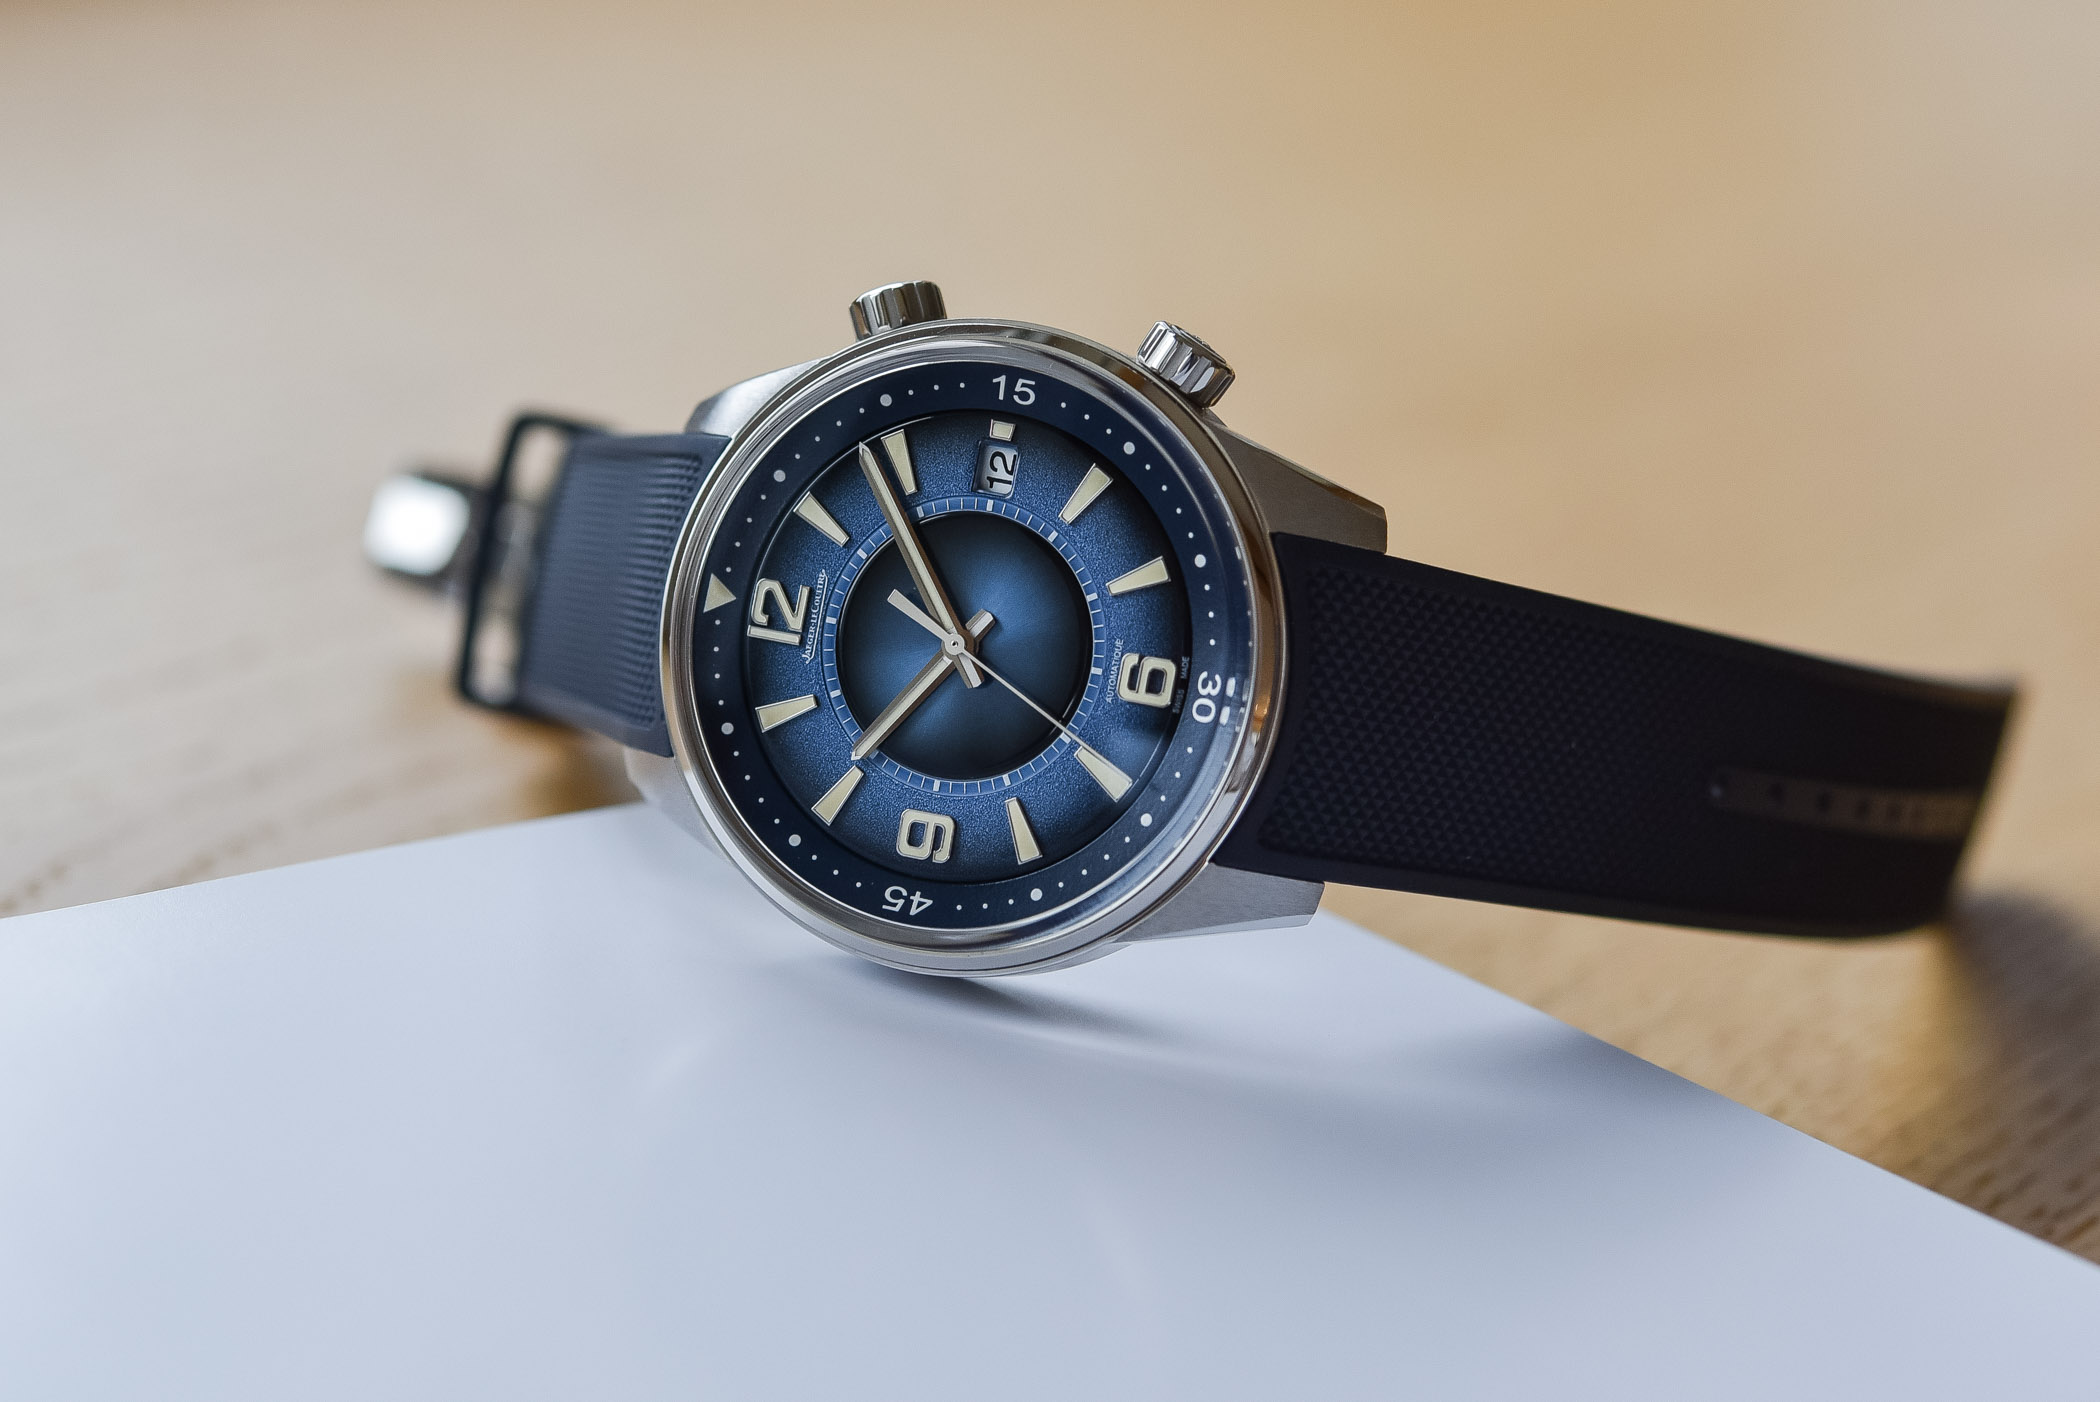 Jaeger-LeCoultre Polaris Date Limited Edition Blue Double Gradient